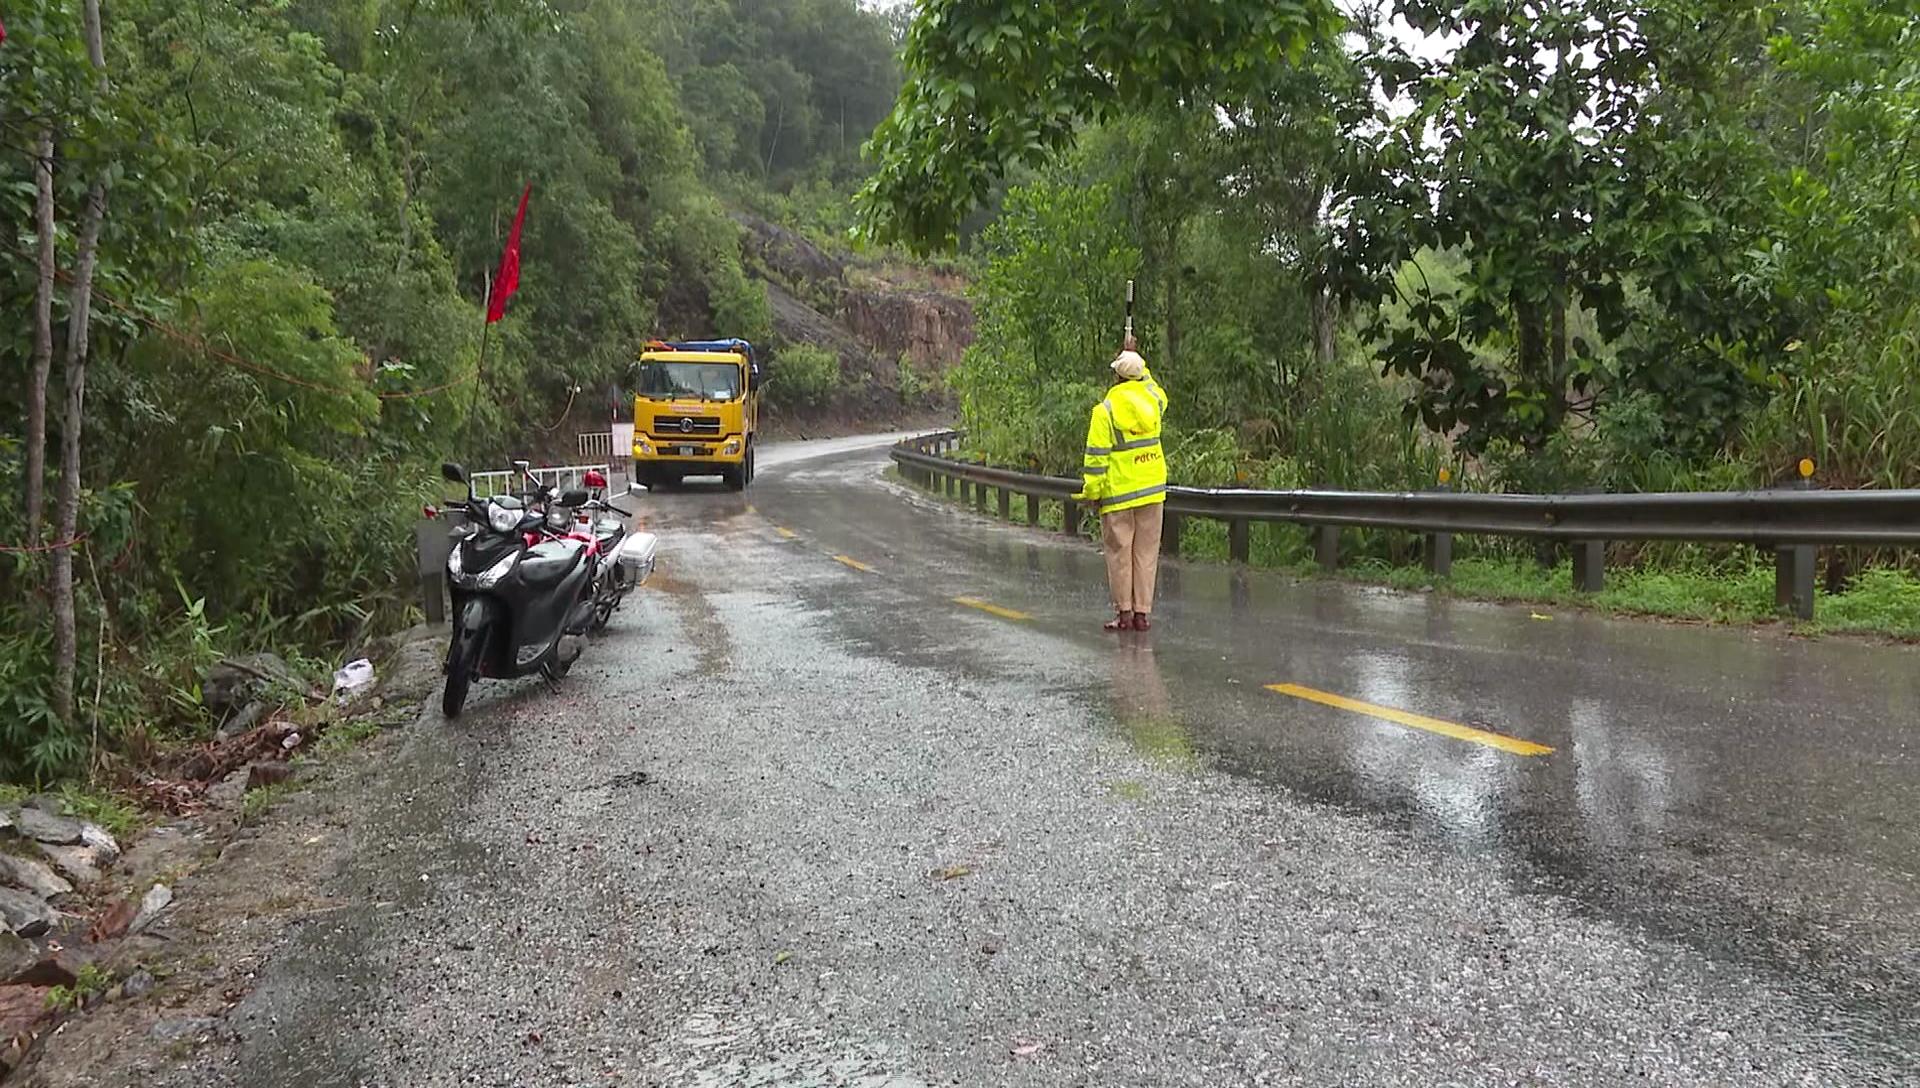 Công an huyện Đông Giang làm việc trong mưa kiểm soát các phương tiện qua chốt